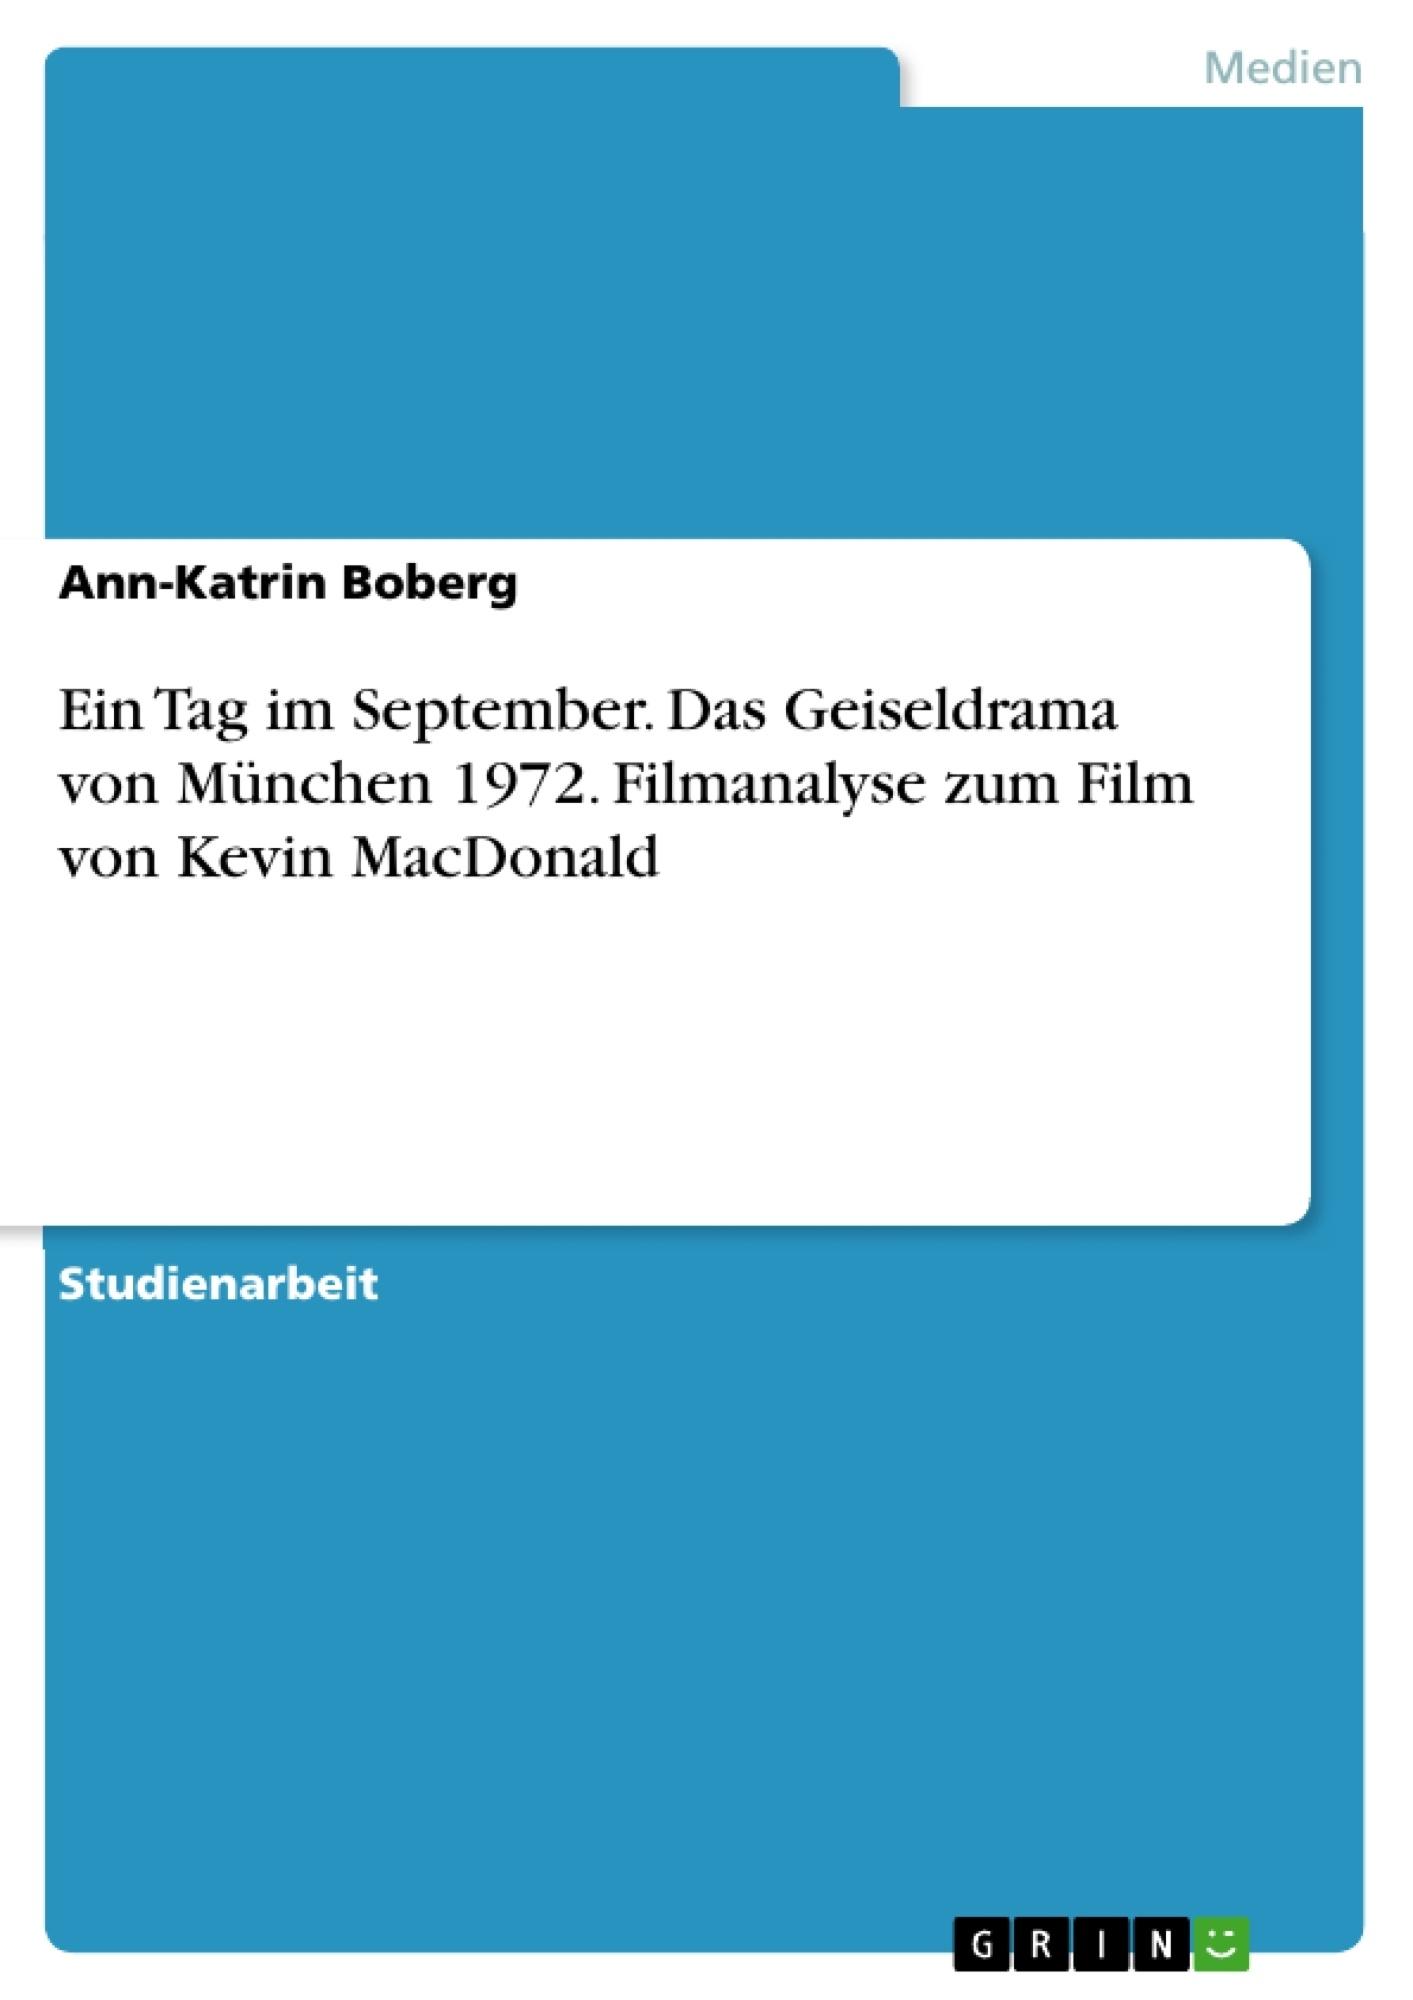 Titel: Ein Tag im September. Das Geiseldrama von München 1972. Filmanalyse zum Film von Kevin MacDonald